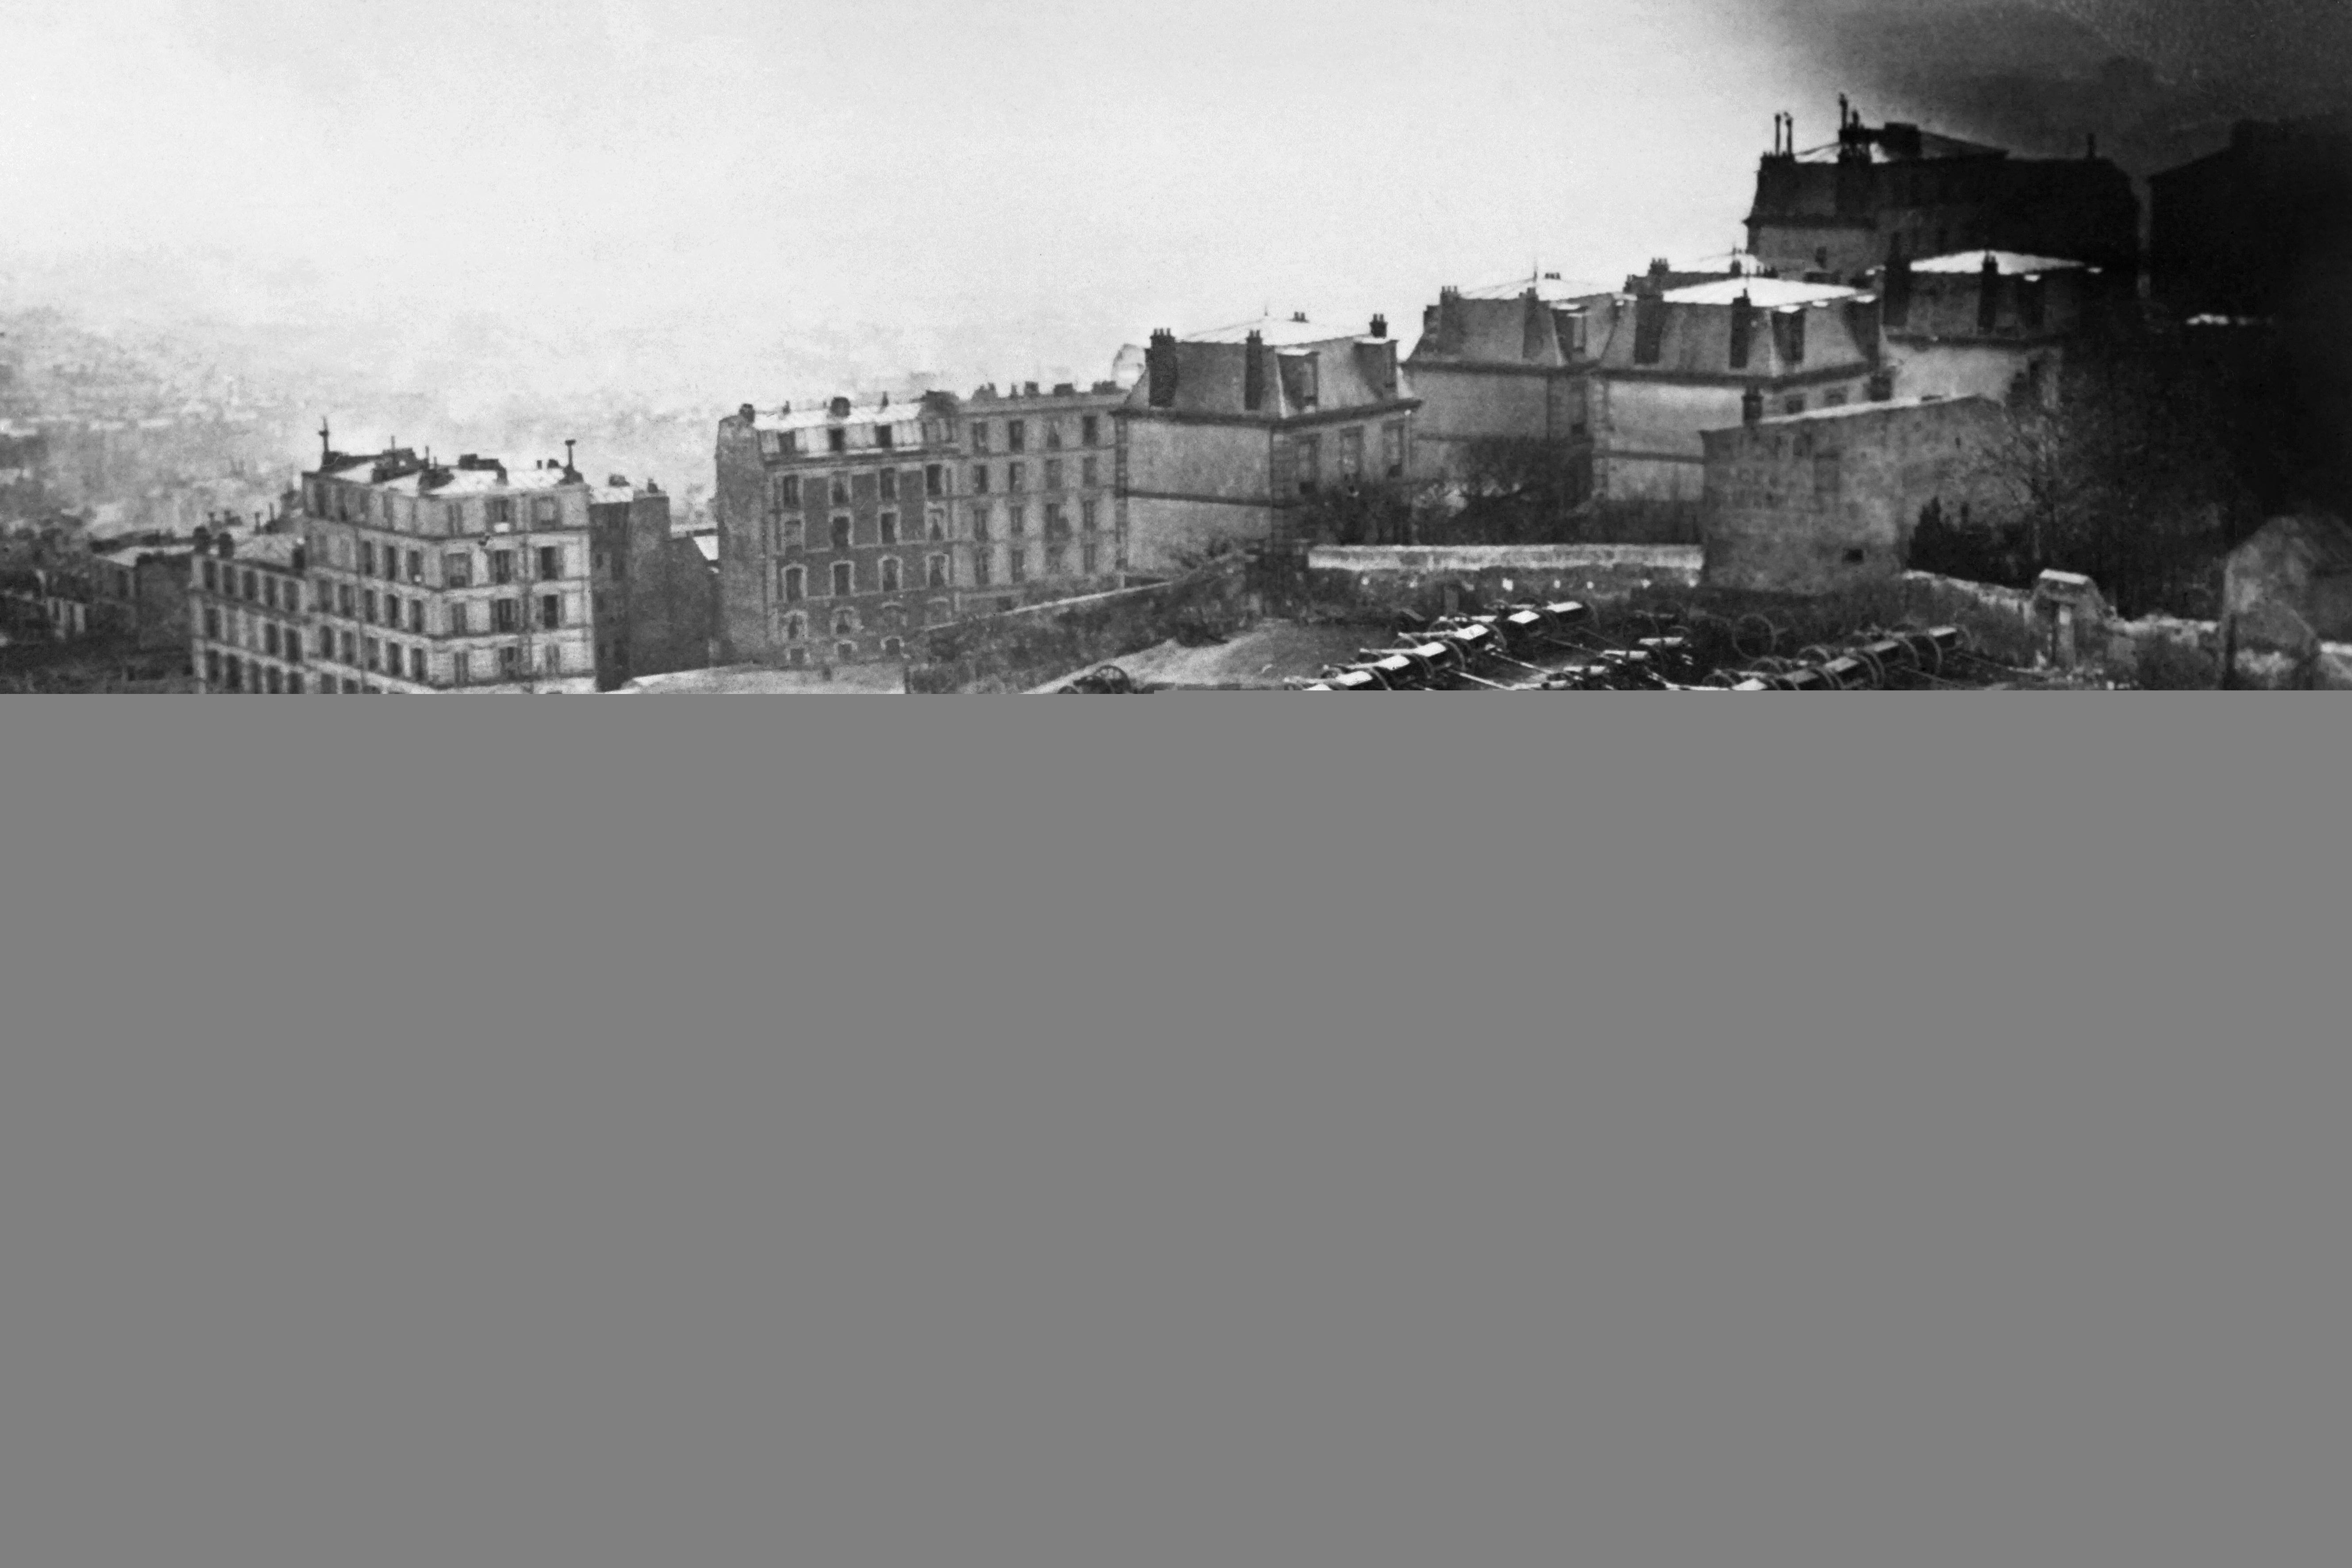 La Commune de Paris, un mythe encore vivace aujourd'hui